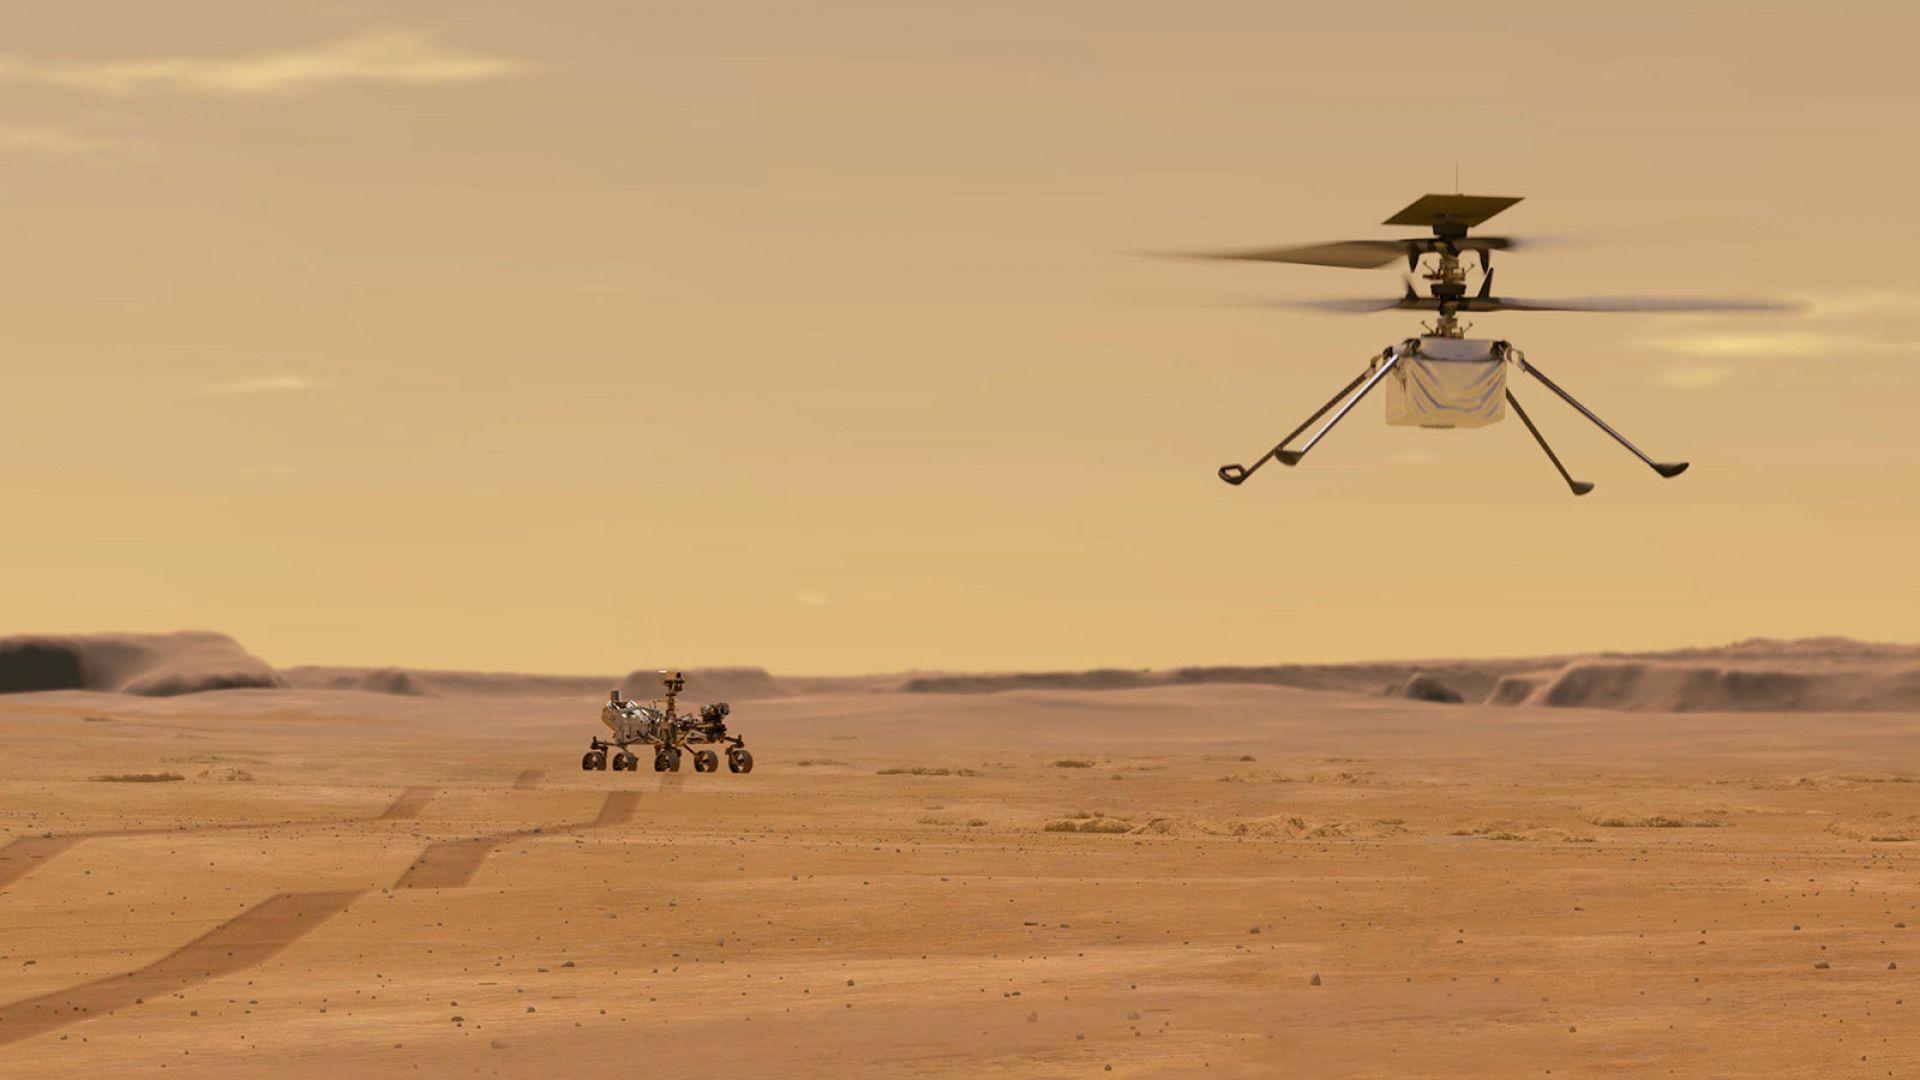 Кога ще полети първият хеликоптер на Марс